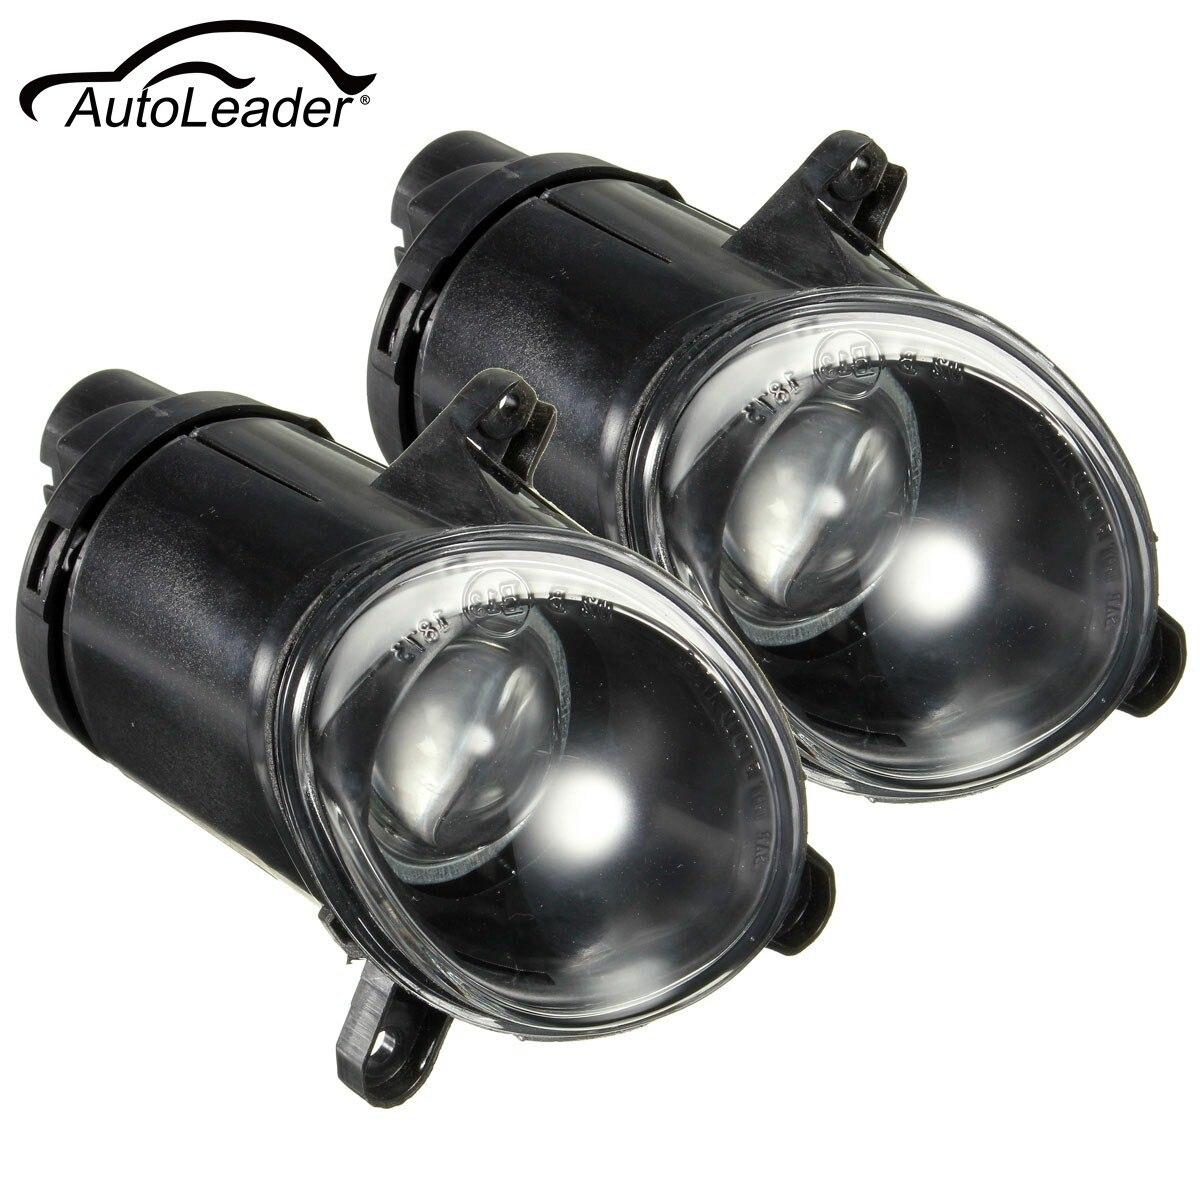 2 pièces voiture avant gauche droite pare-chocs antibrouillard lampe de conduite avec H3 ampoules pour VW Passat 3BG B5 2000 2001 2002 2003 2004 2005